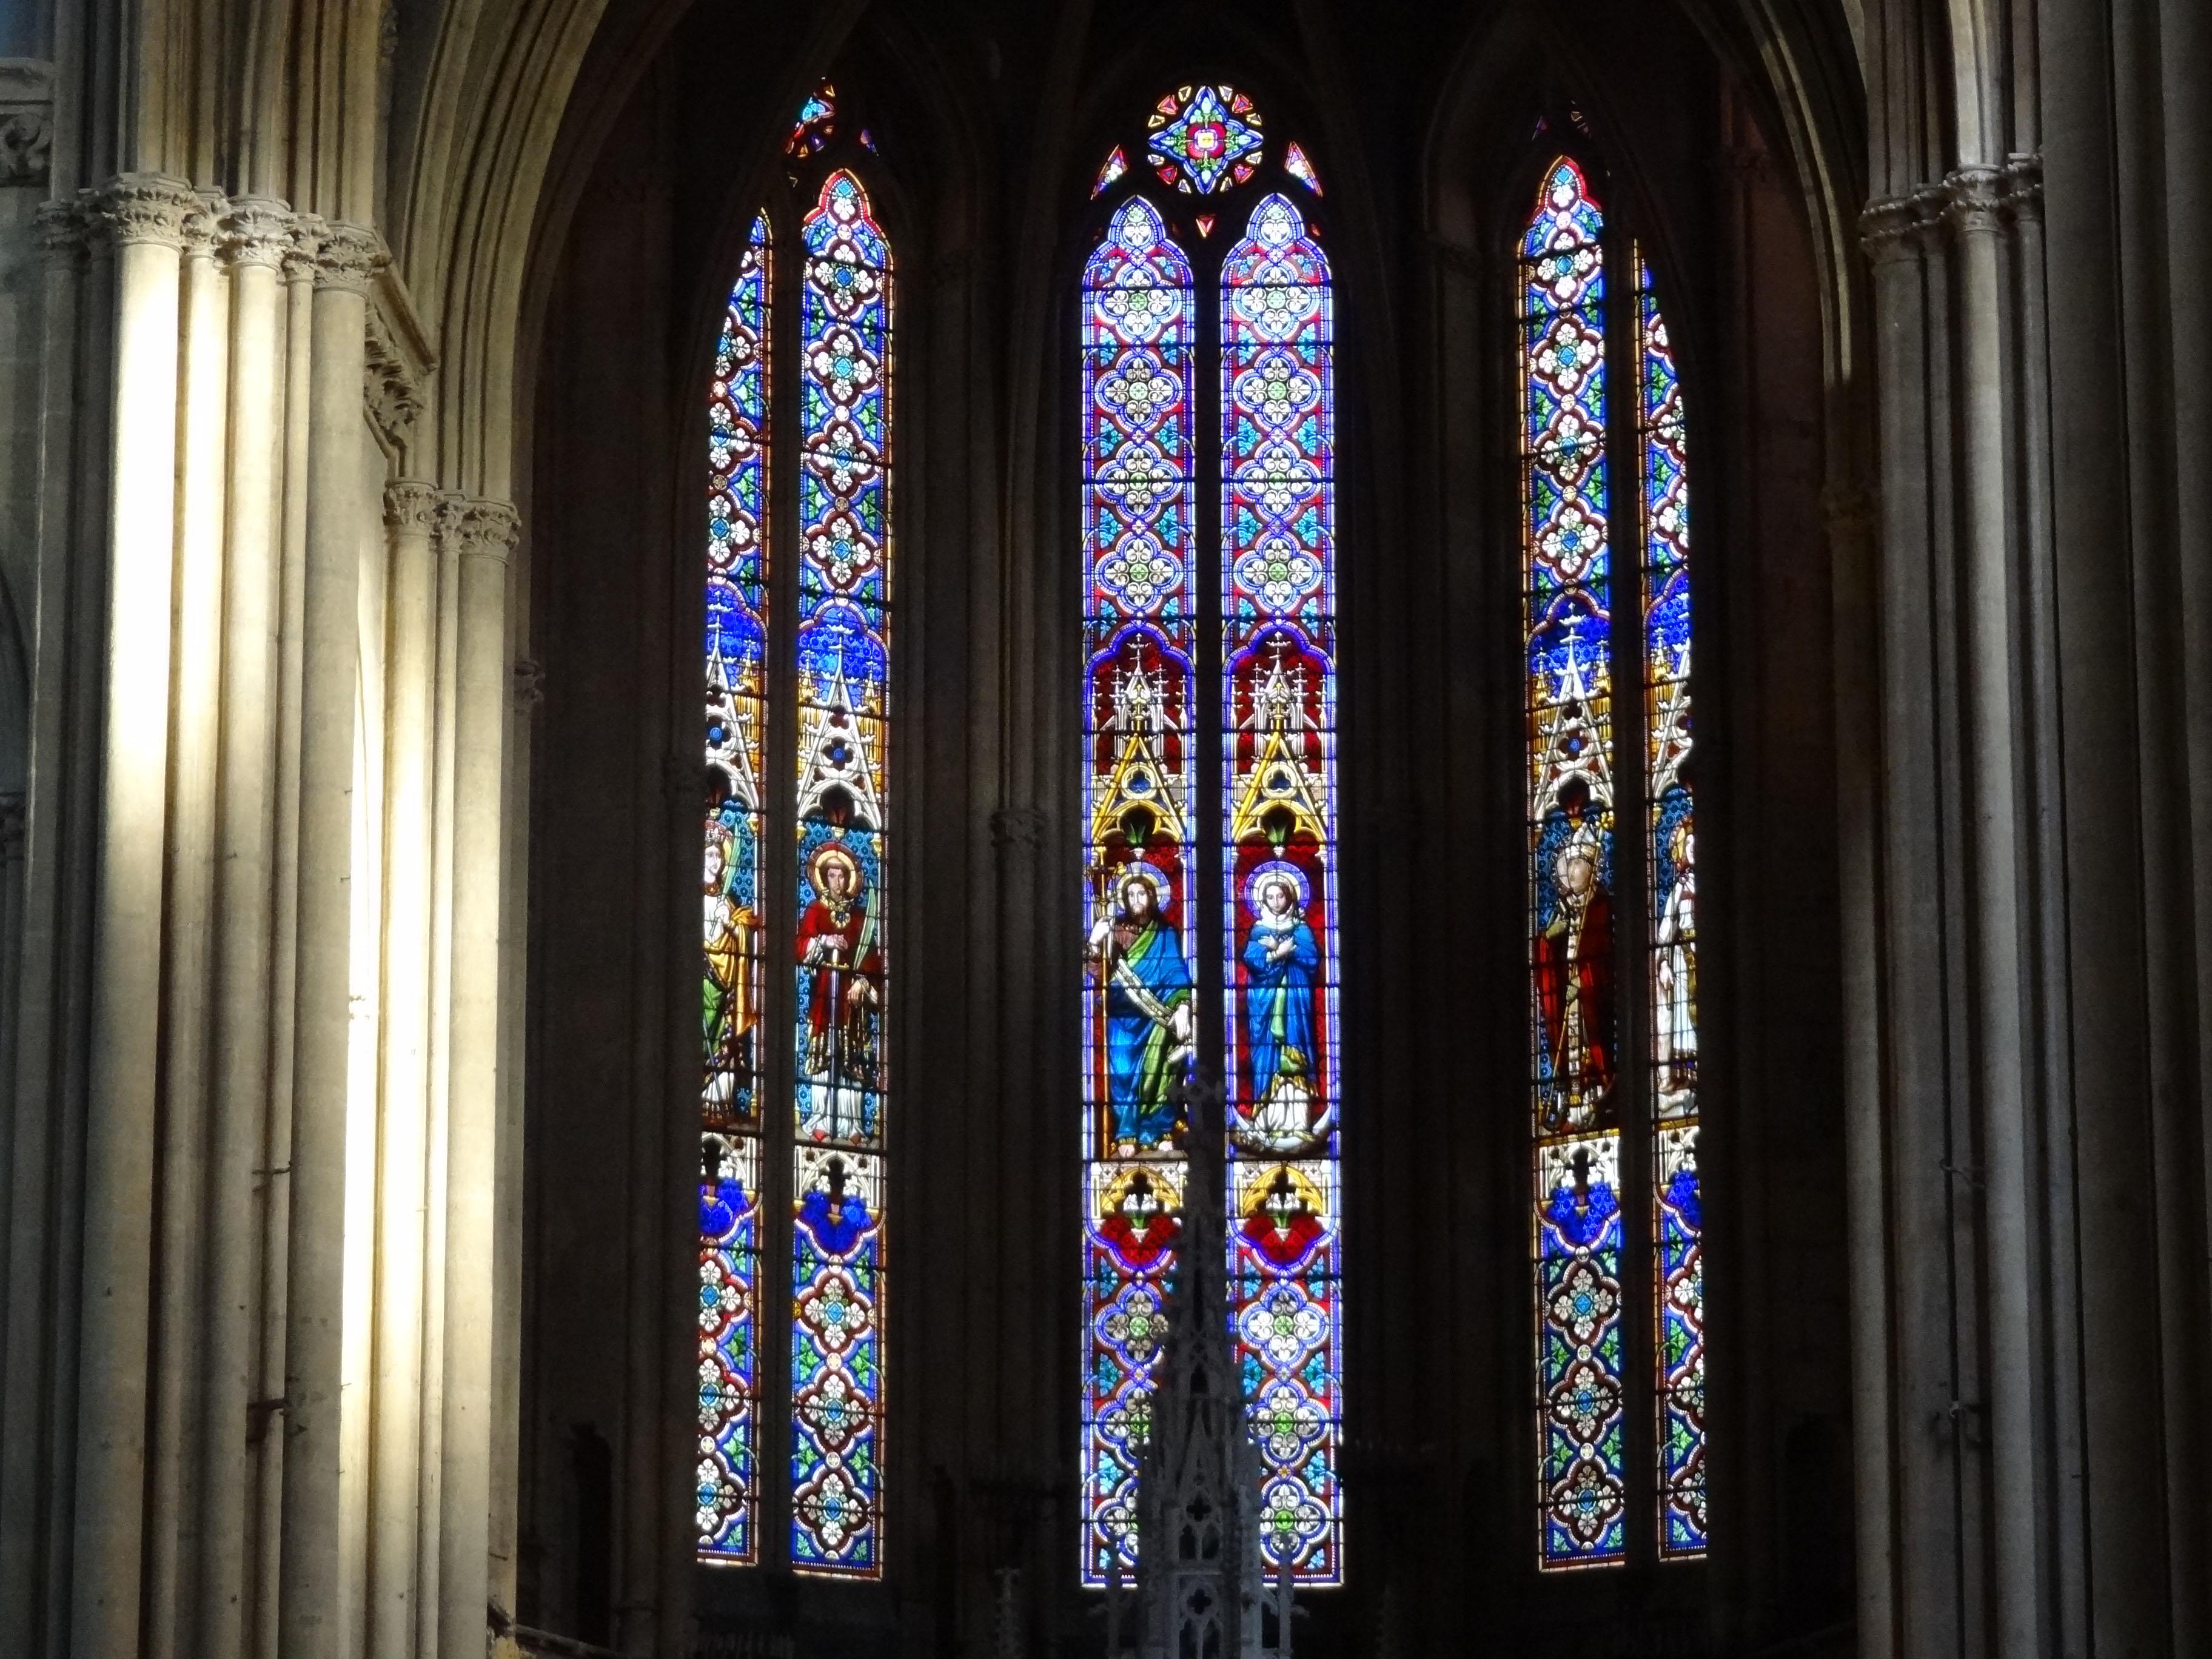 Vitraux Metz fichier:metz saint-vincent vitraux coeur — wikipédia